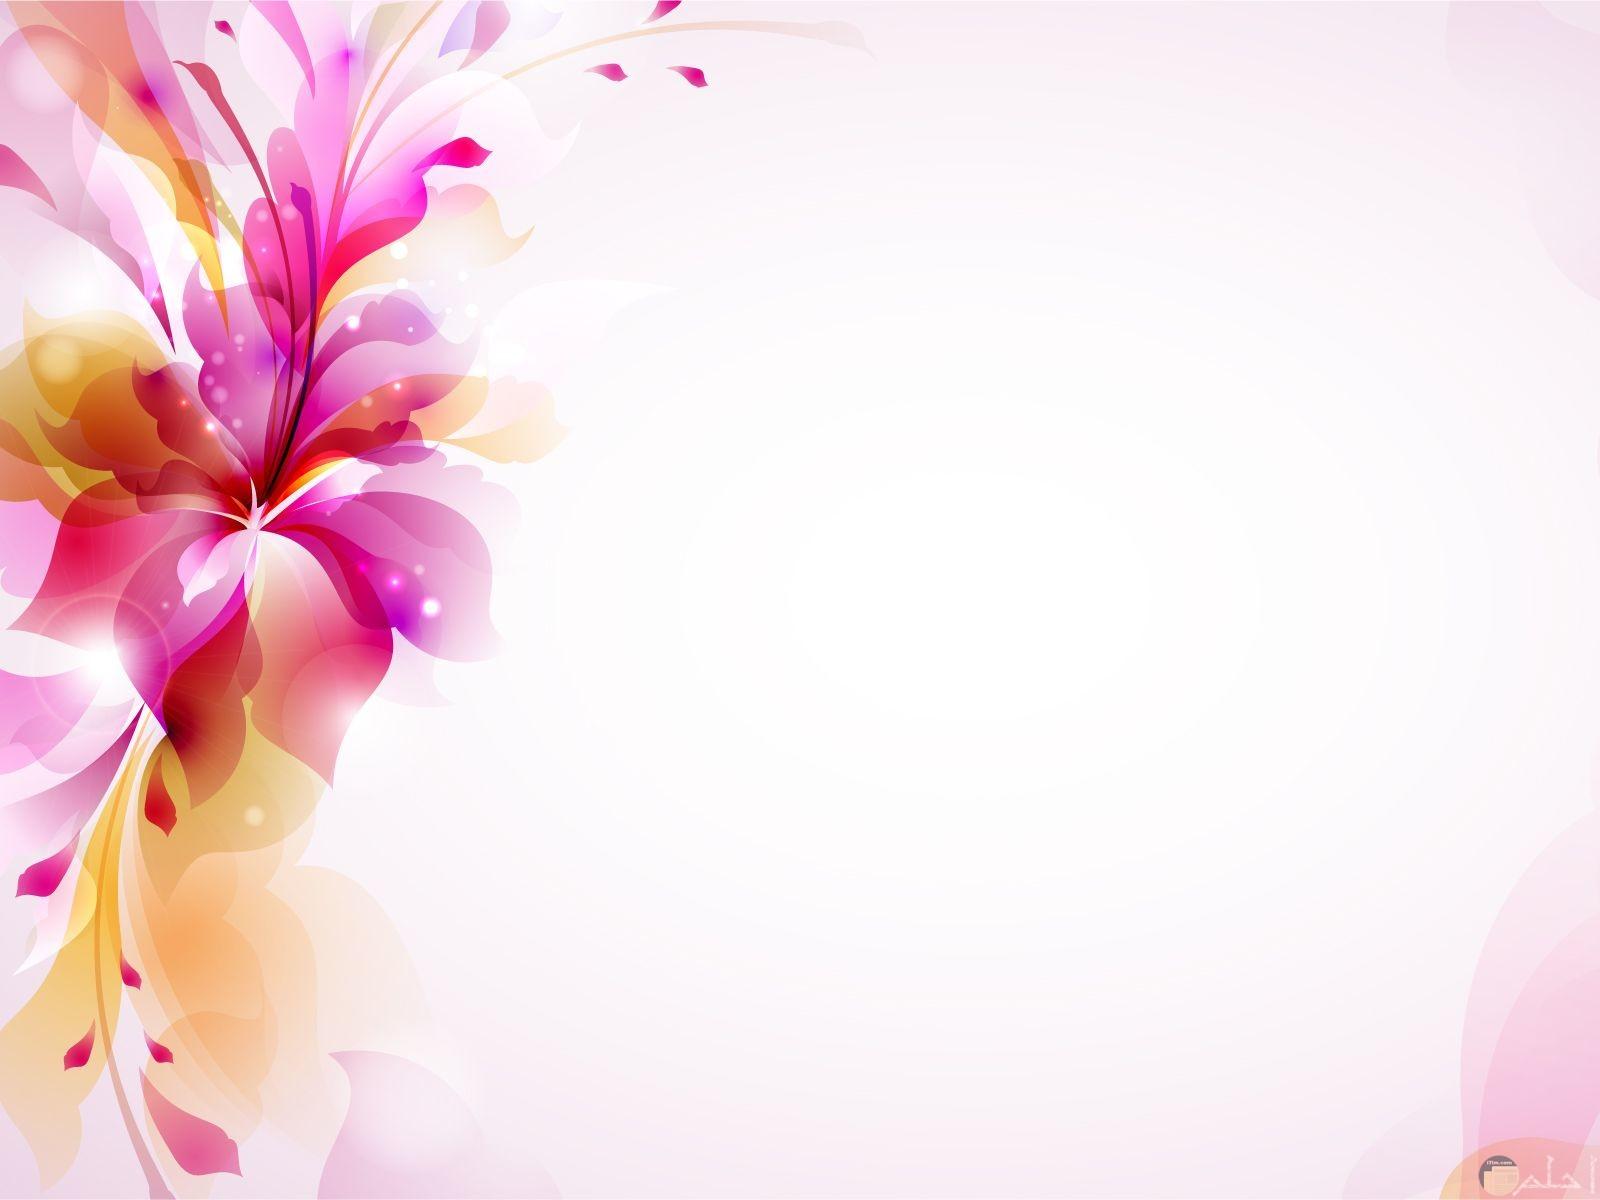 خلفية من الورد رومانسية